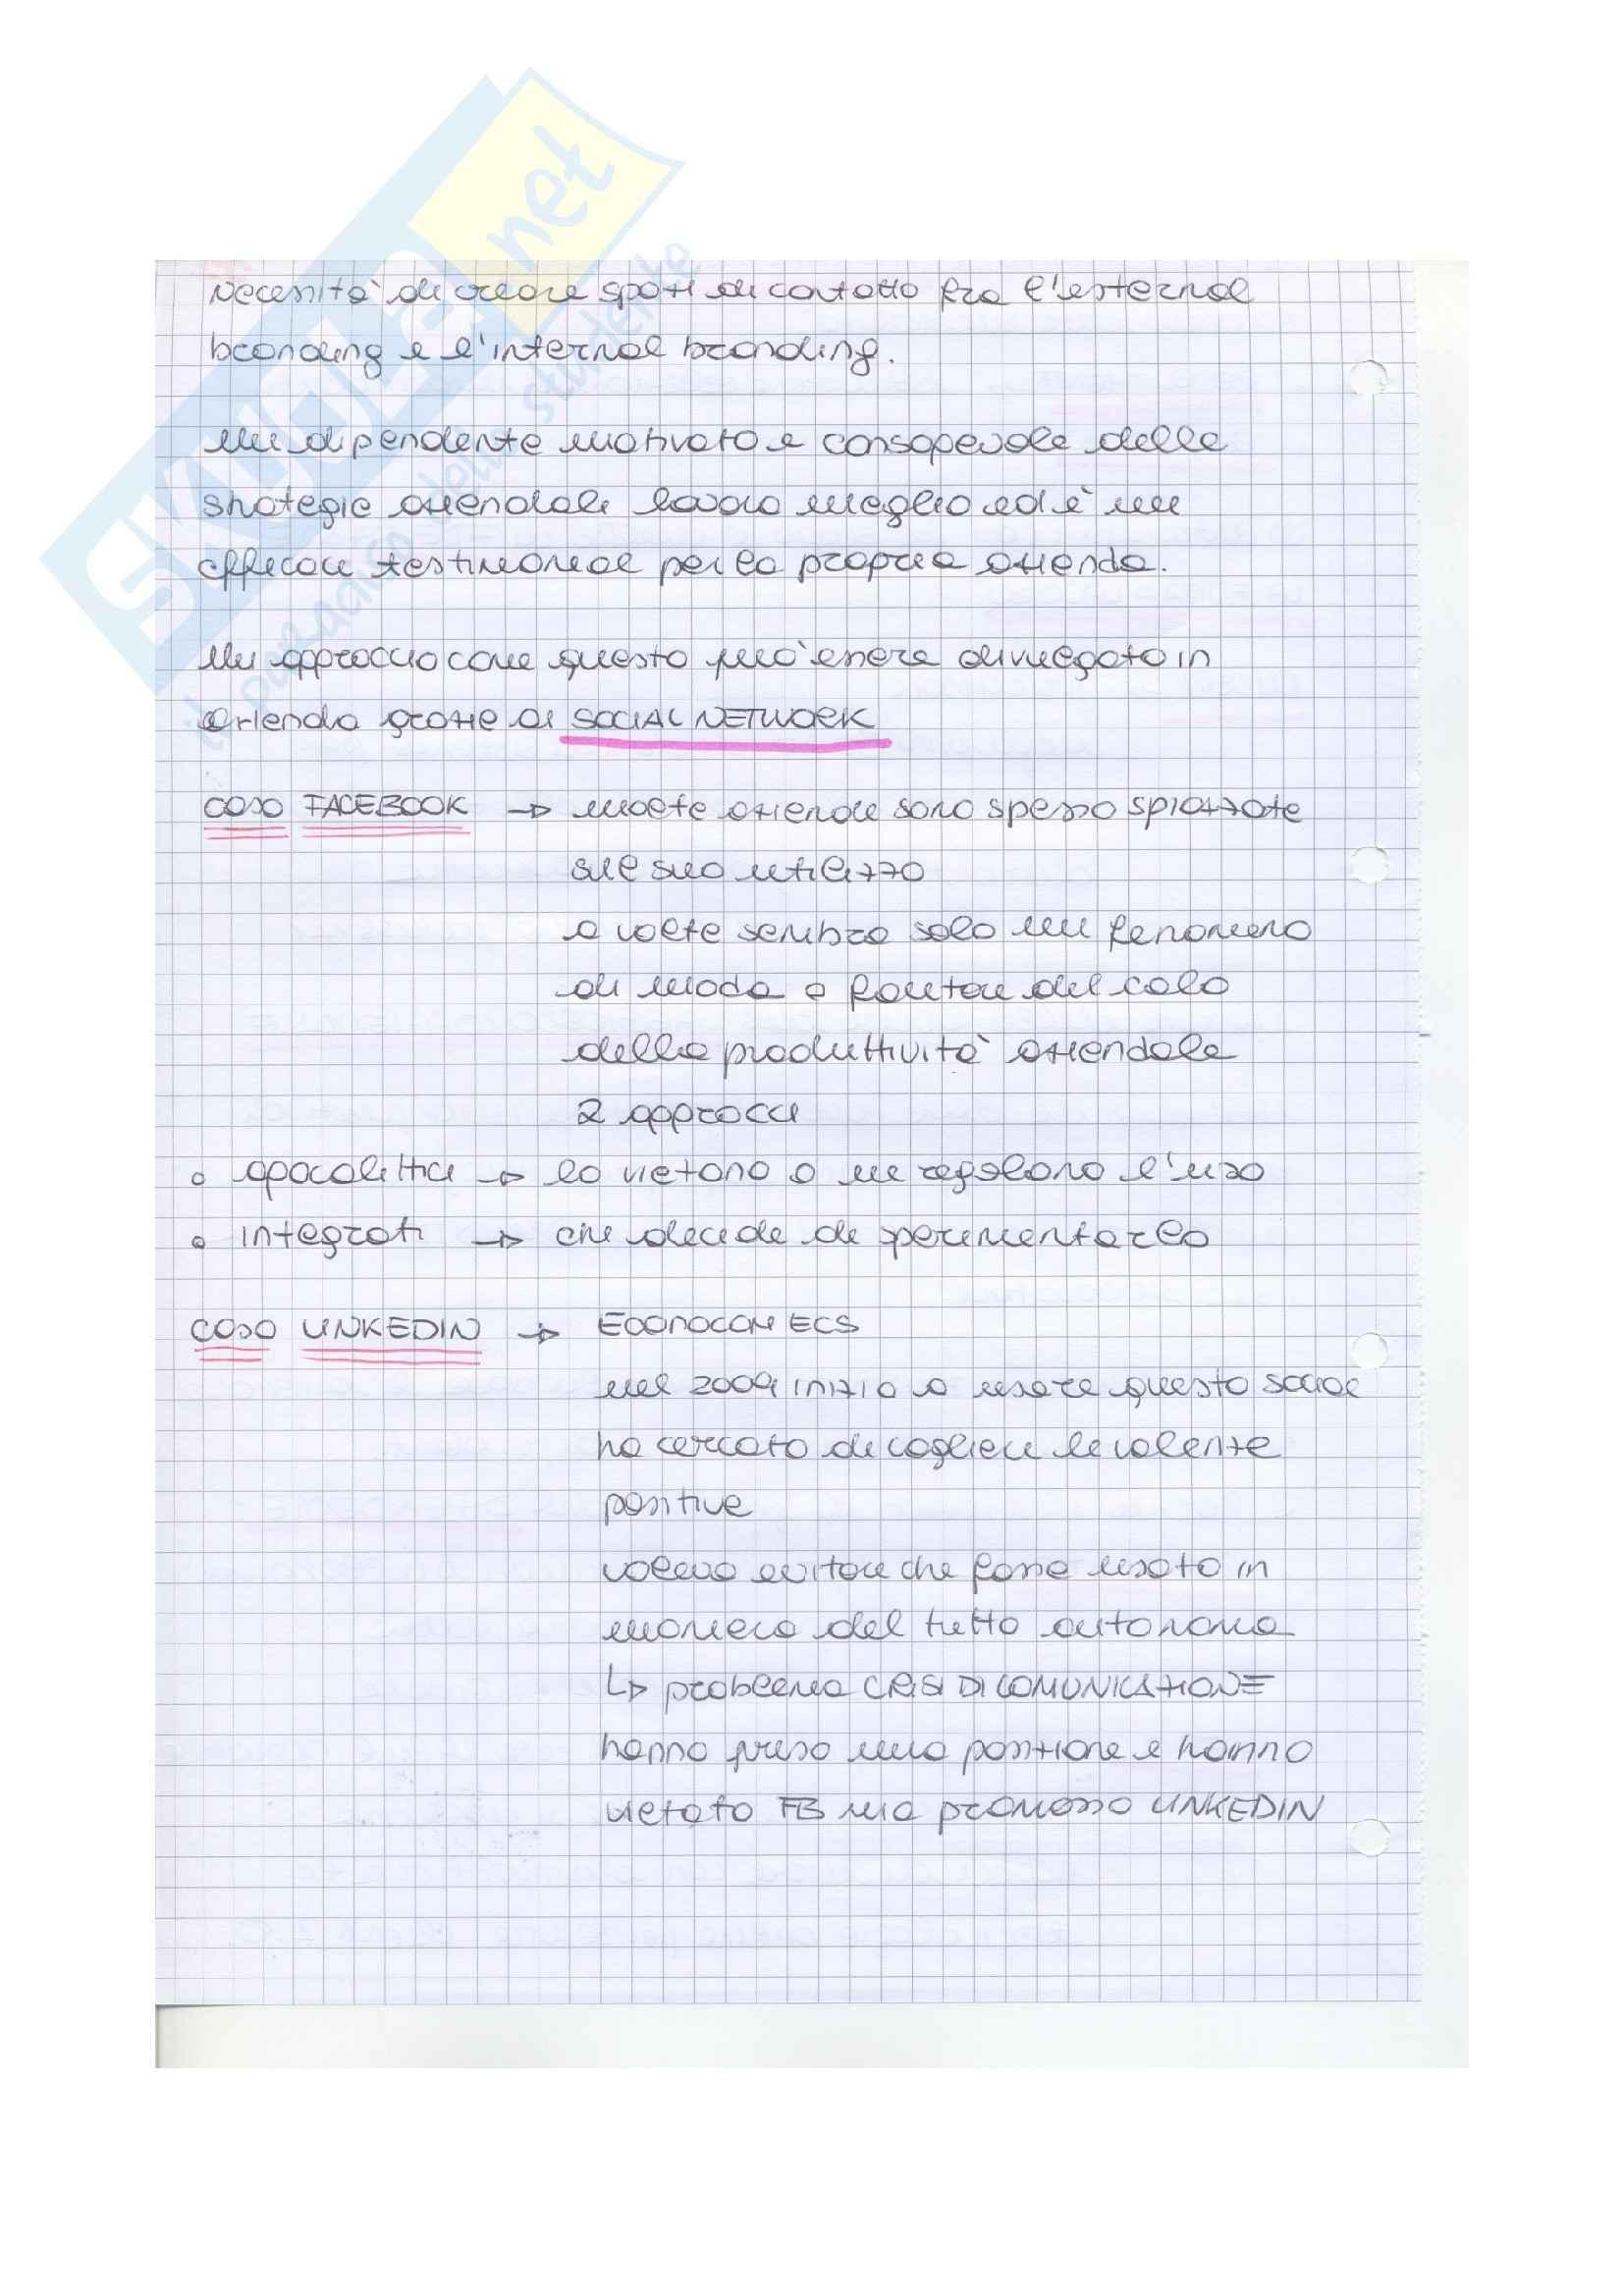 Riassunto esame Pubblicità, prof. Musso, libro consigliato Brand reloading, Musso Pag. 11